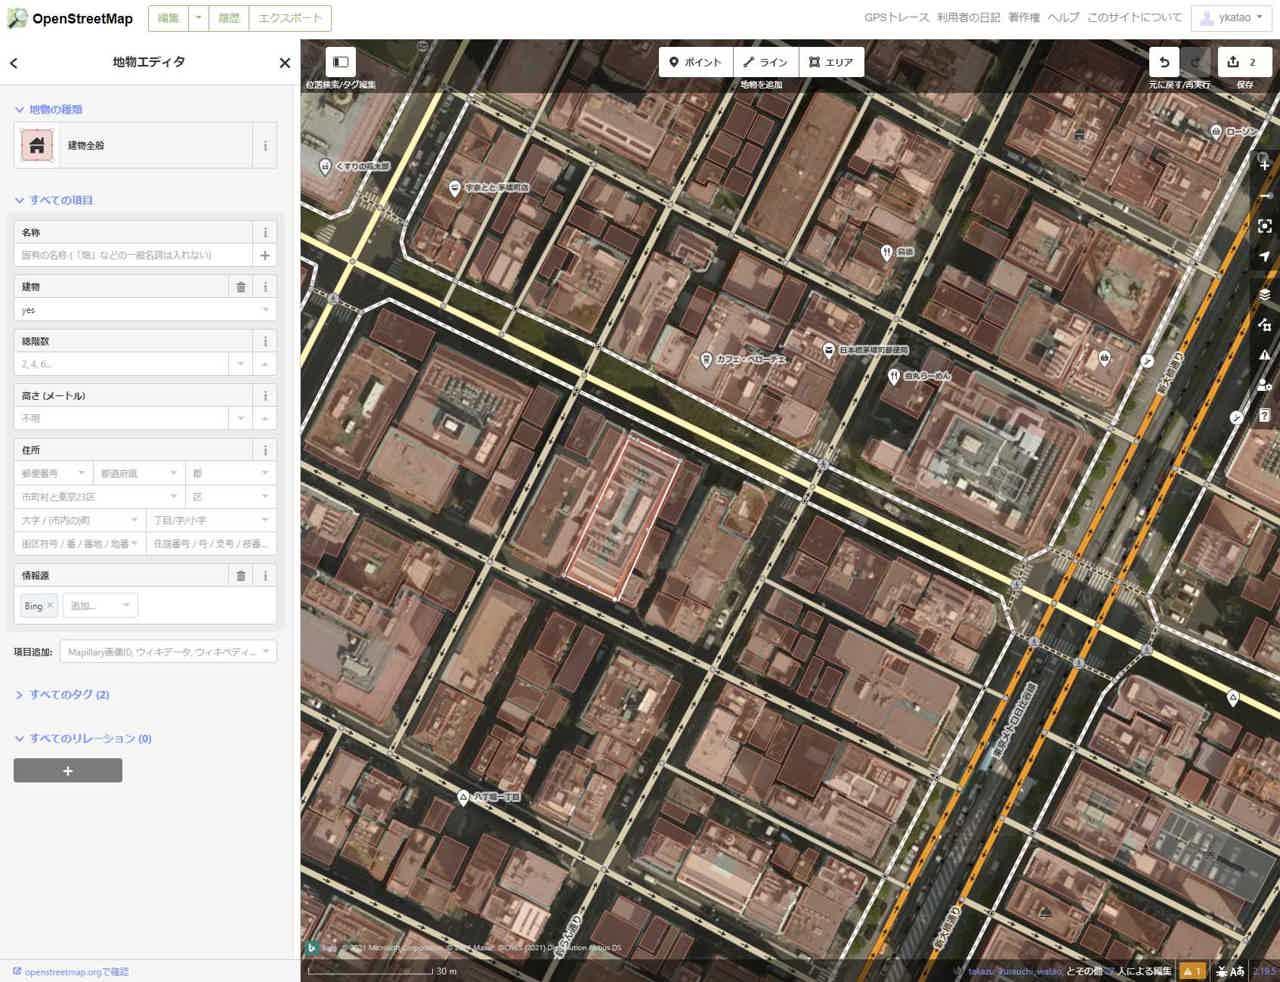 ブラウザー上で動作するOSMエディタ「iD」 © OpenStreetMap contributors